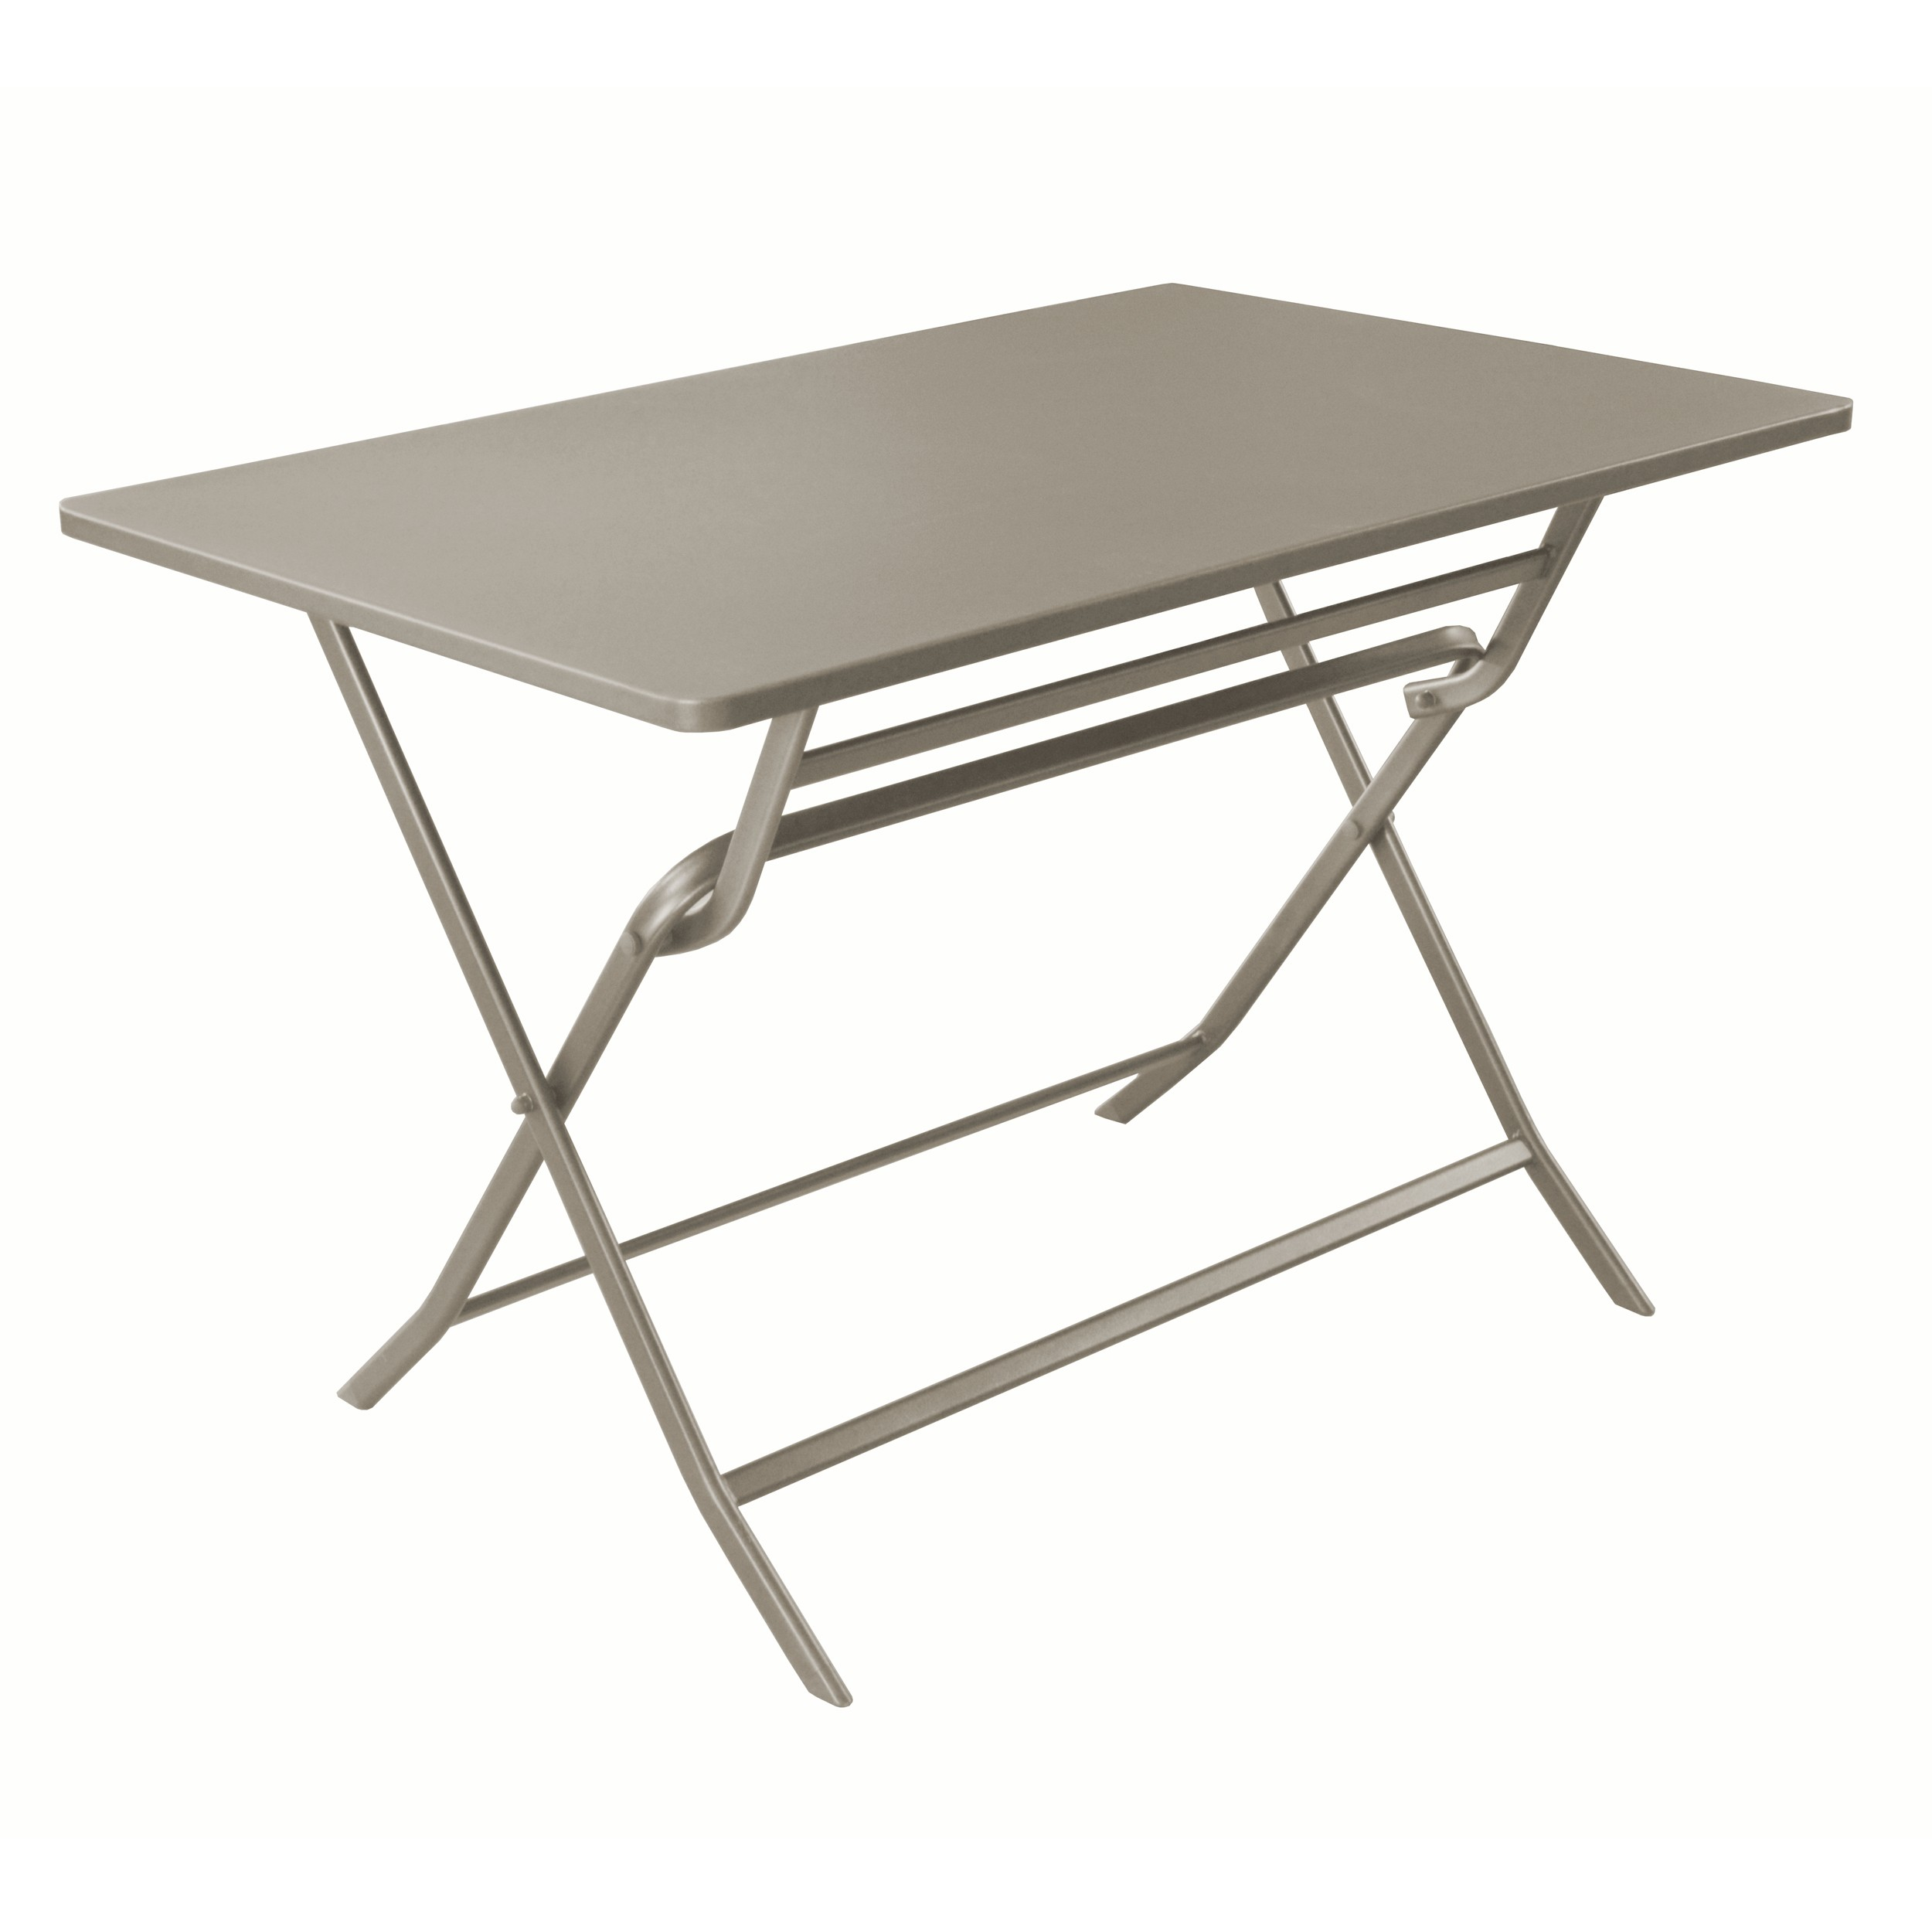 Table de jardin Mérida gris argent 110 cm : découvrez les tables de ...